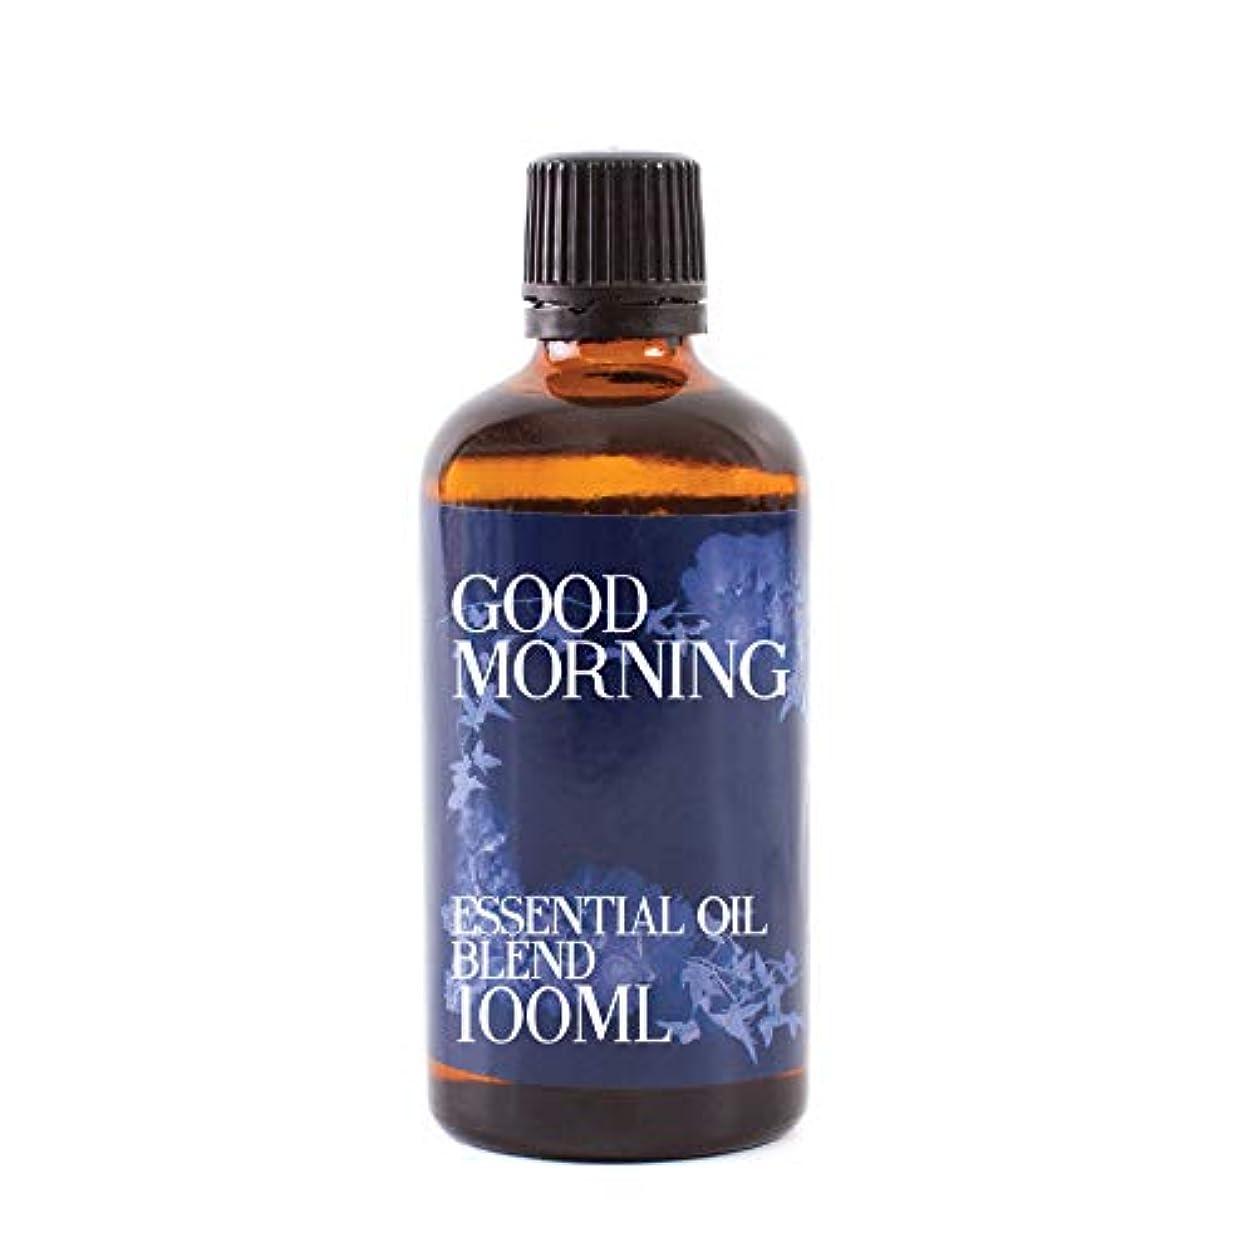 持つクリーナーマキシムMystix London | Good Morning Essential Oil Blend - 100ml - 100% Pure